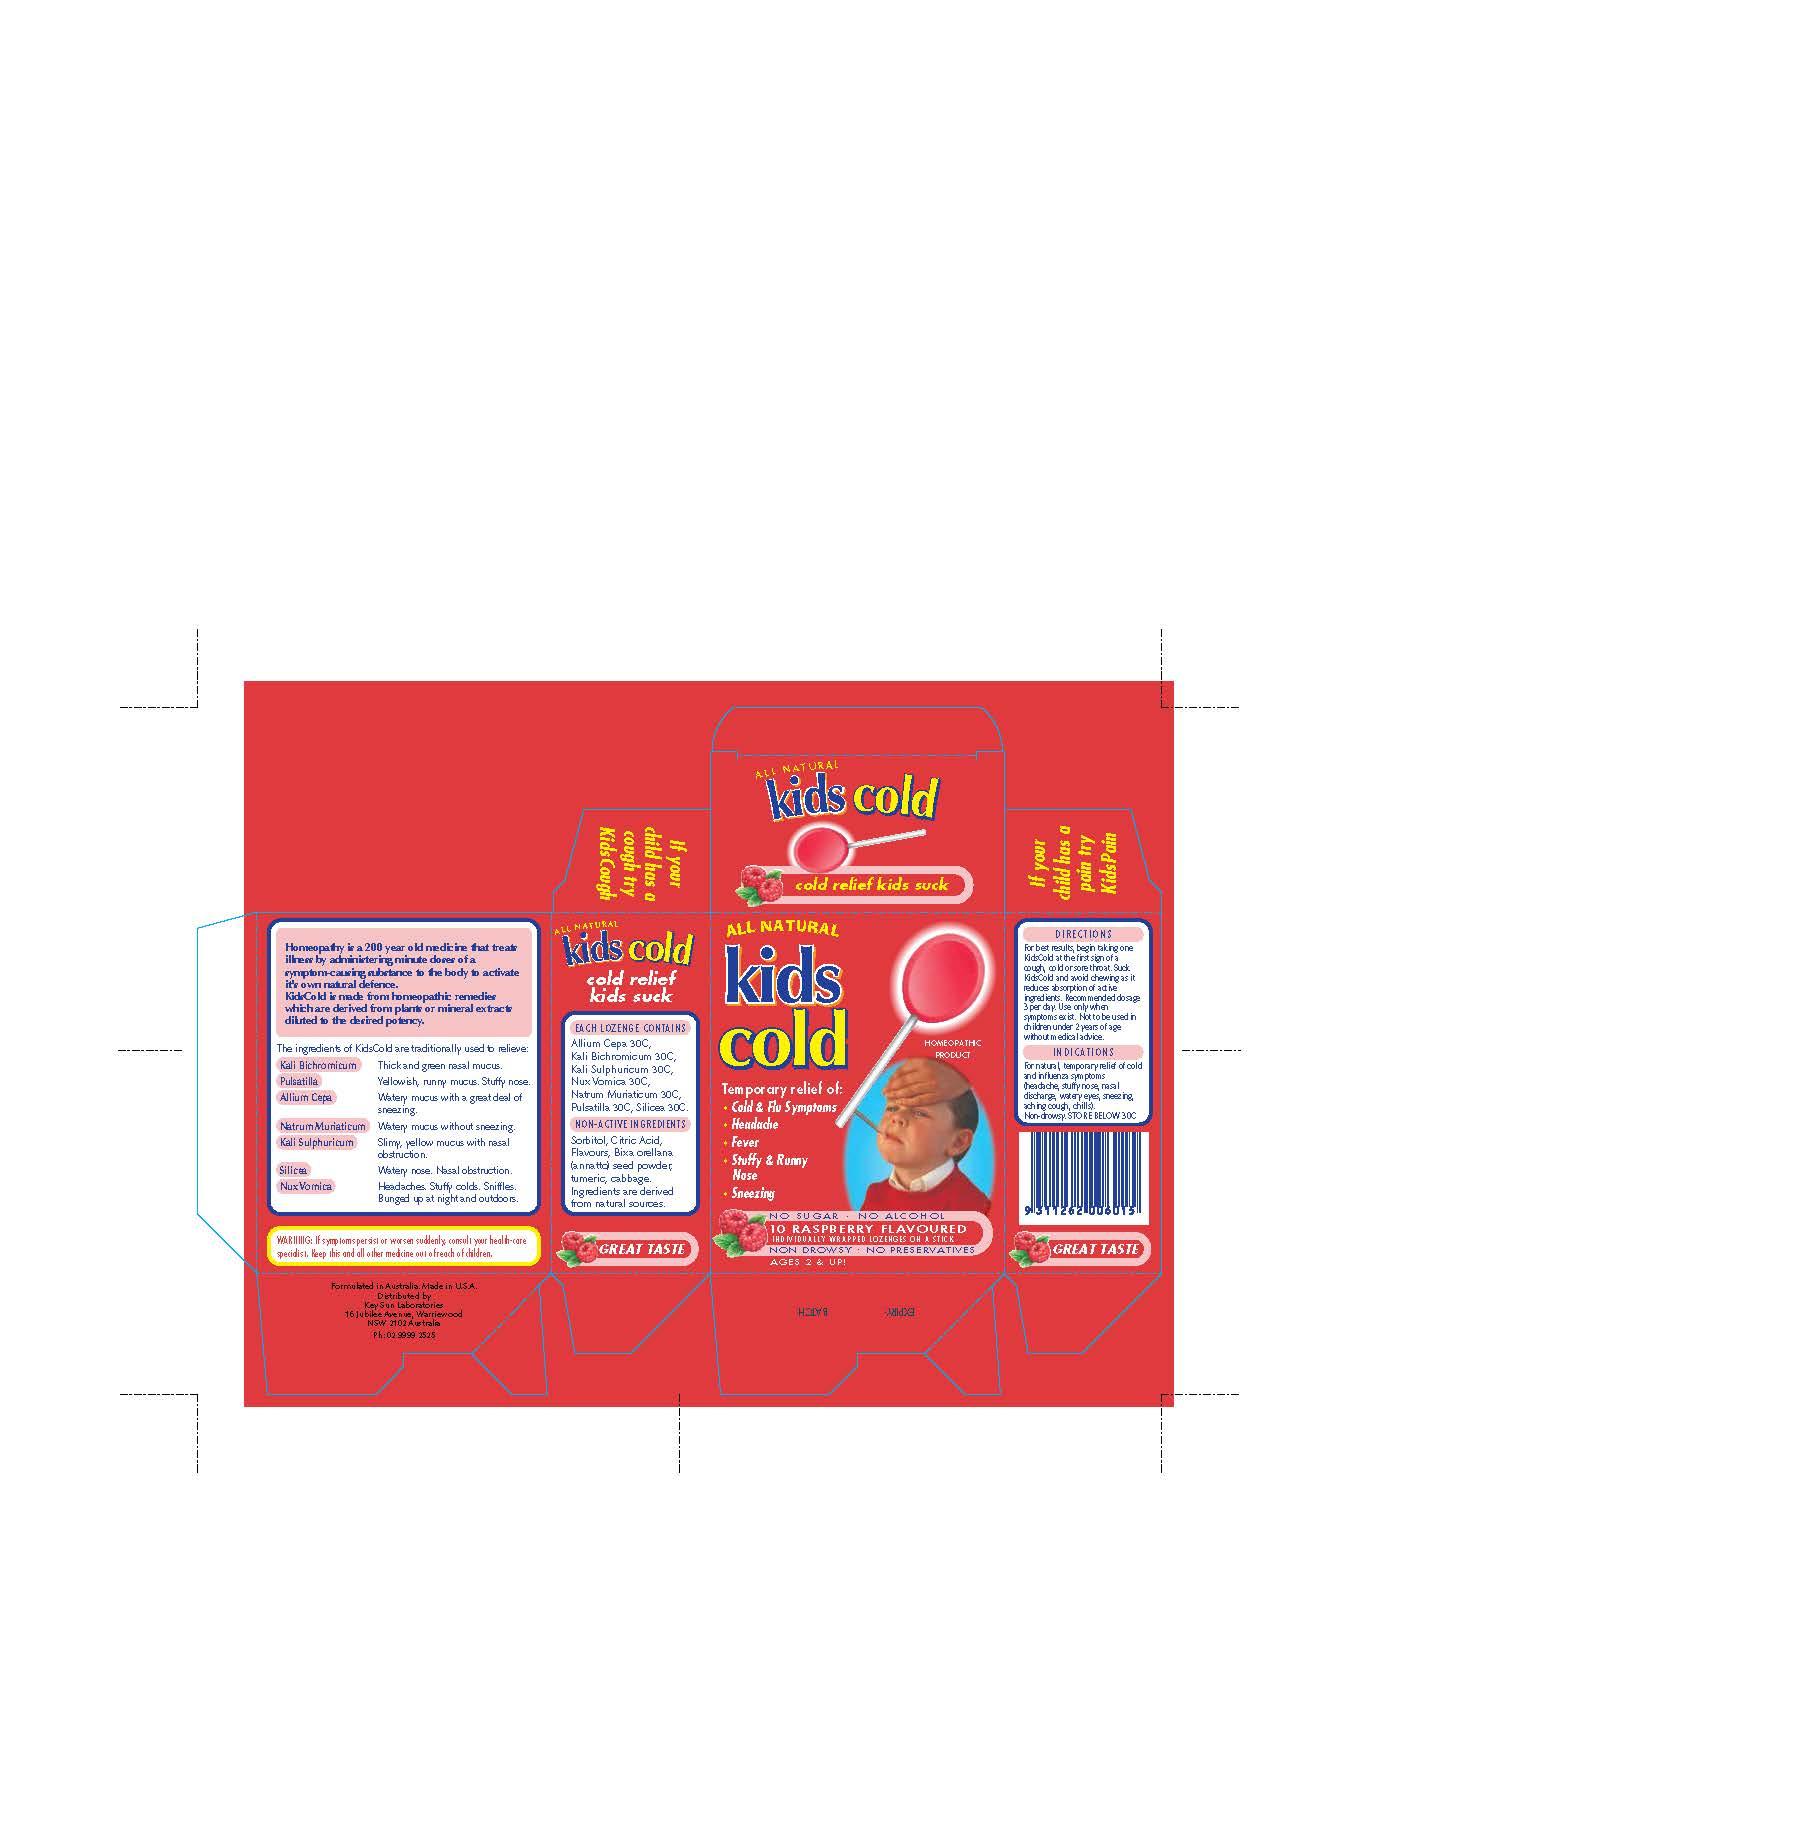 Kids Cold (Allium Cepa 30c, Kali Bichromium 30c, Kali Sulphuricum 30c, Nux Vomica 30c, Natrum Muriaticum 30c, Pulsatilla 30c, Silicea 30c) Lozenge [Natures Investment Holdings Pty Ltd Dba Maxrelief Usa]